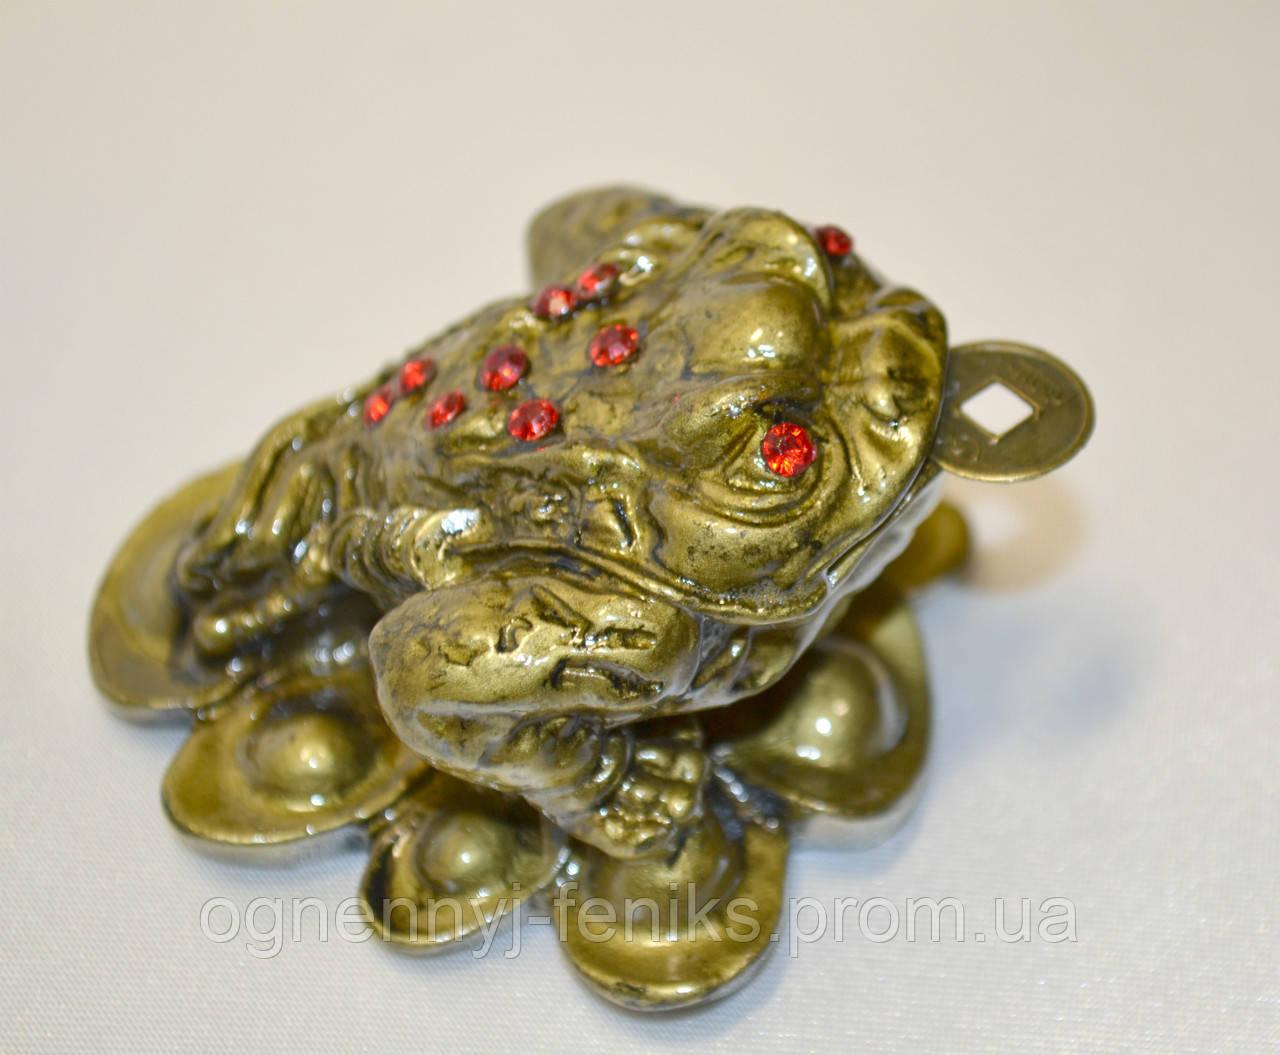 Жаба на монетах - символ богатства и материального благополучия - Огненный Феникс в Одессе